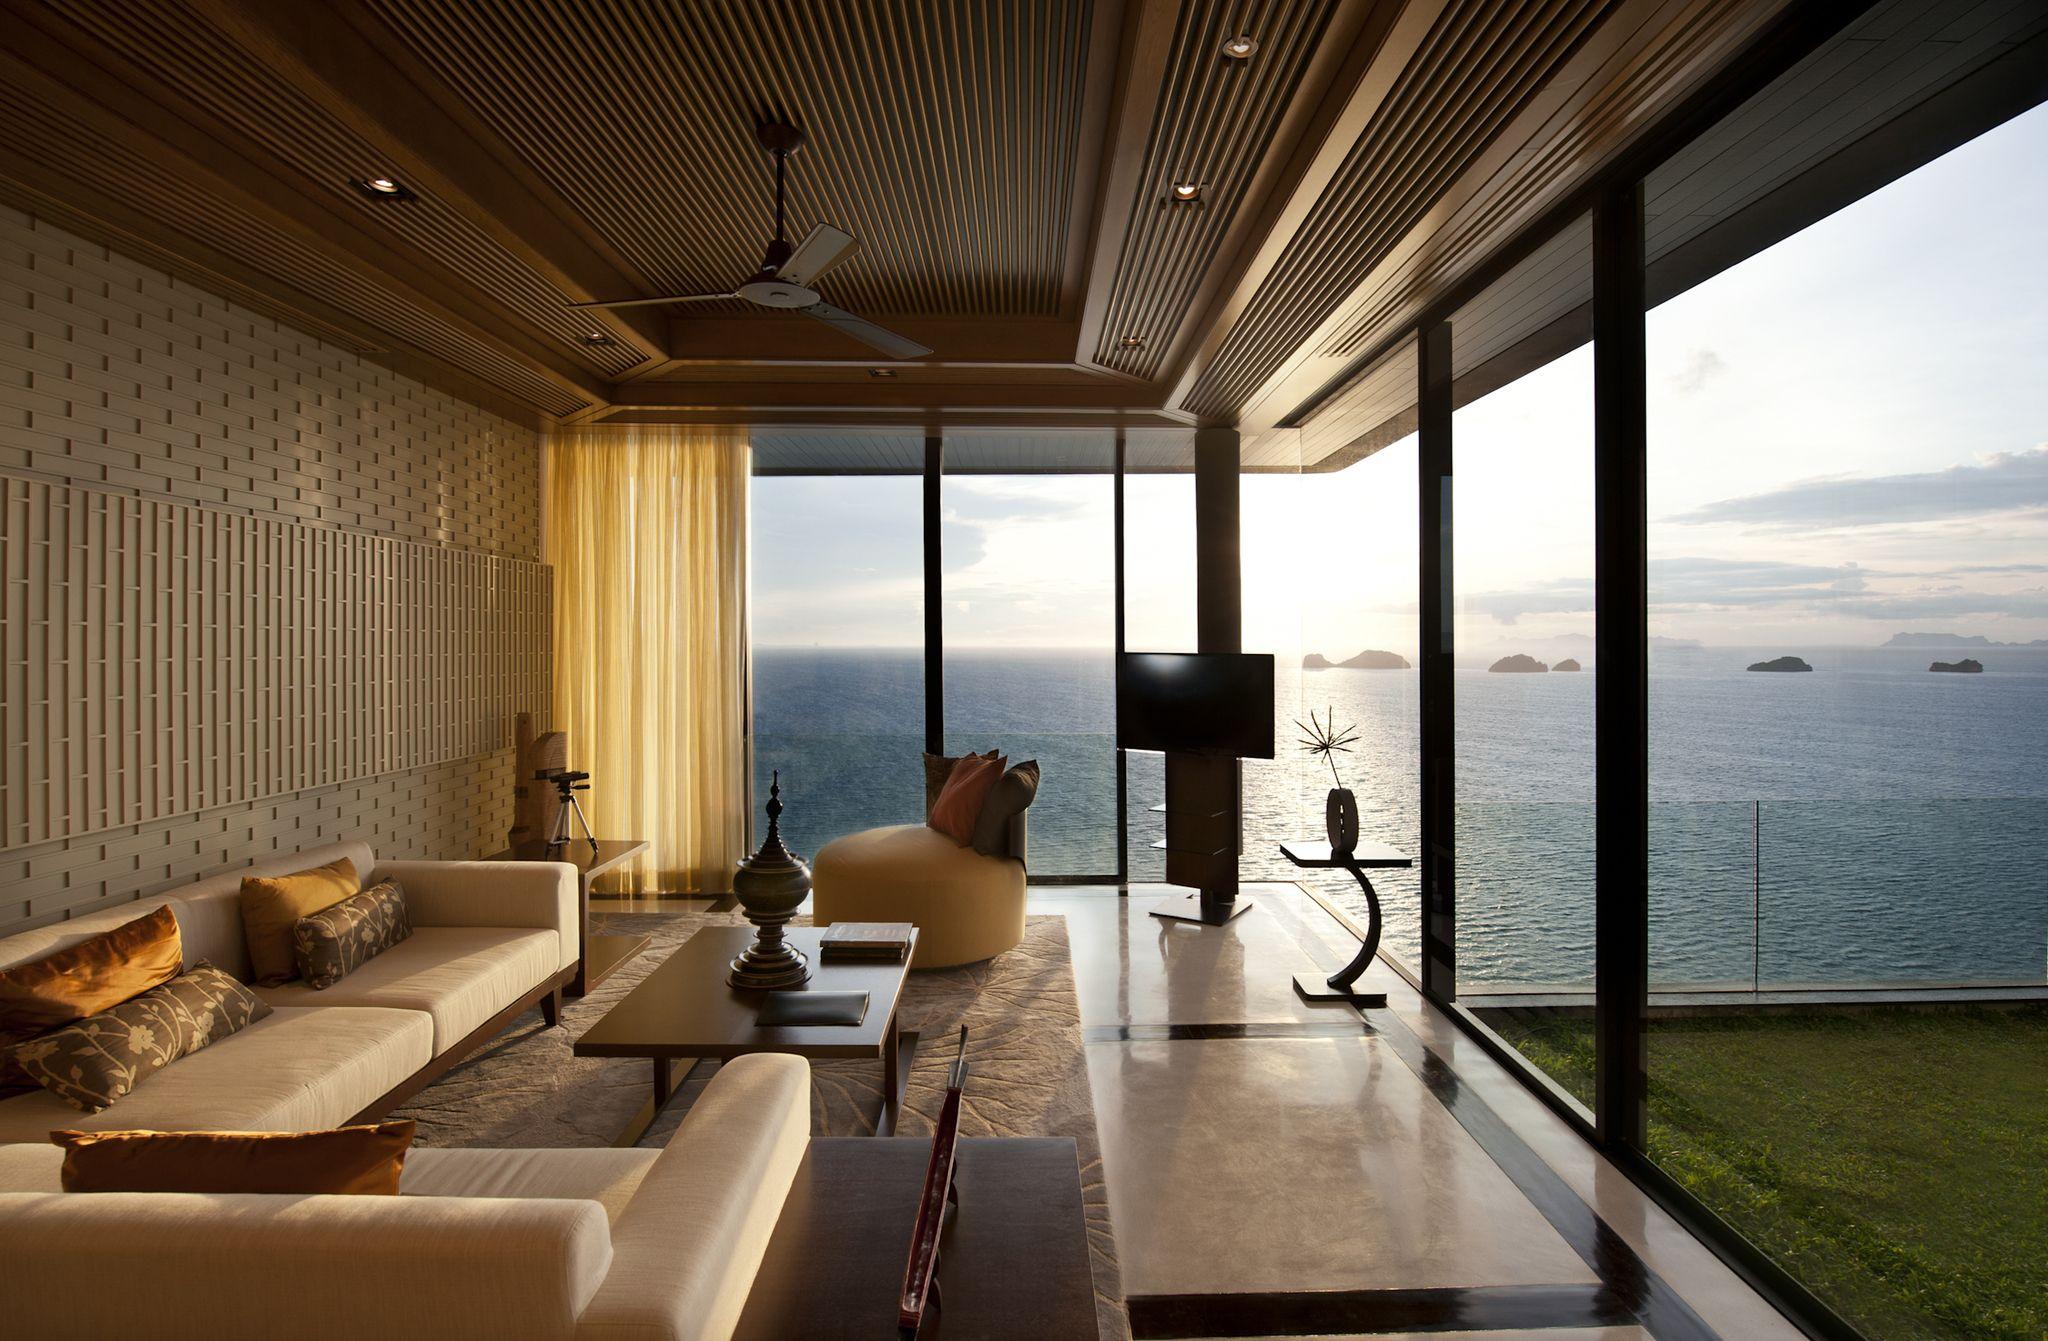 Aufmacher-Oceanview-Pool-Villa-2-BR-Living-Room-2048x1341.jpg (2048 ...